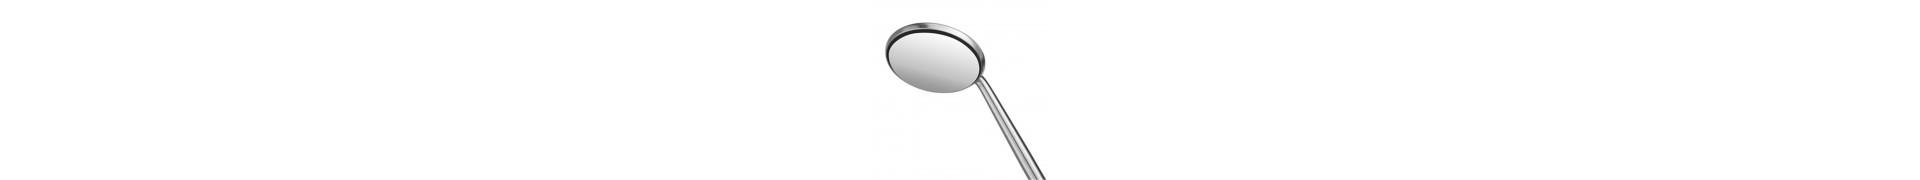 zrcátka hu-friedy dentální nástroje